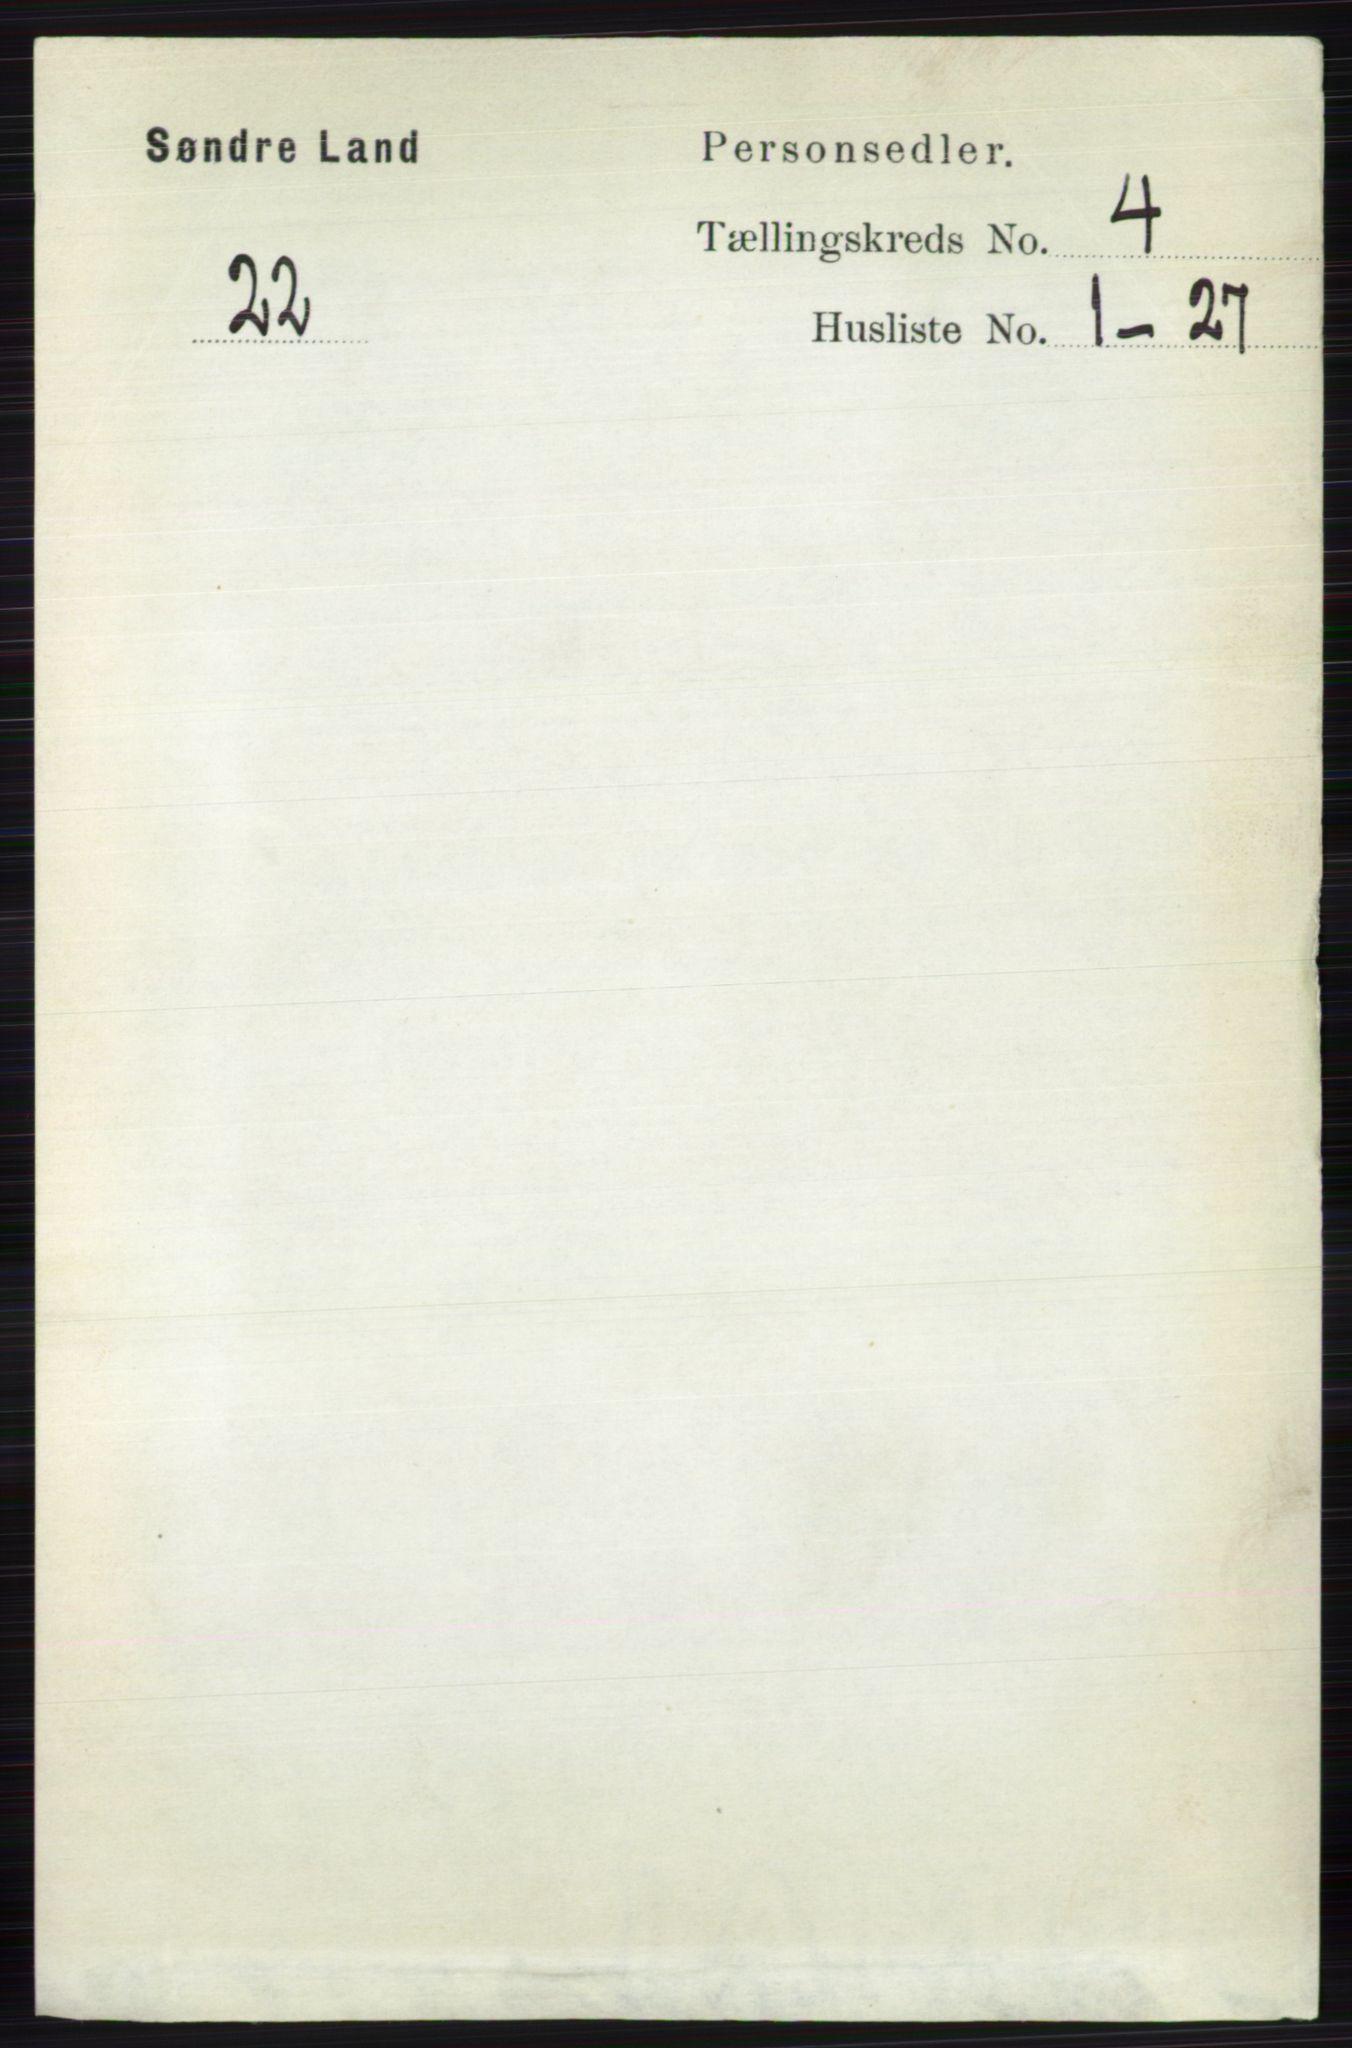 RA, Folketelling 1891 for 0536 Søndre Land herred, 1891, s. 3992